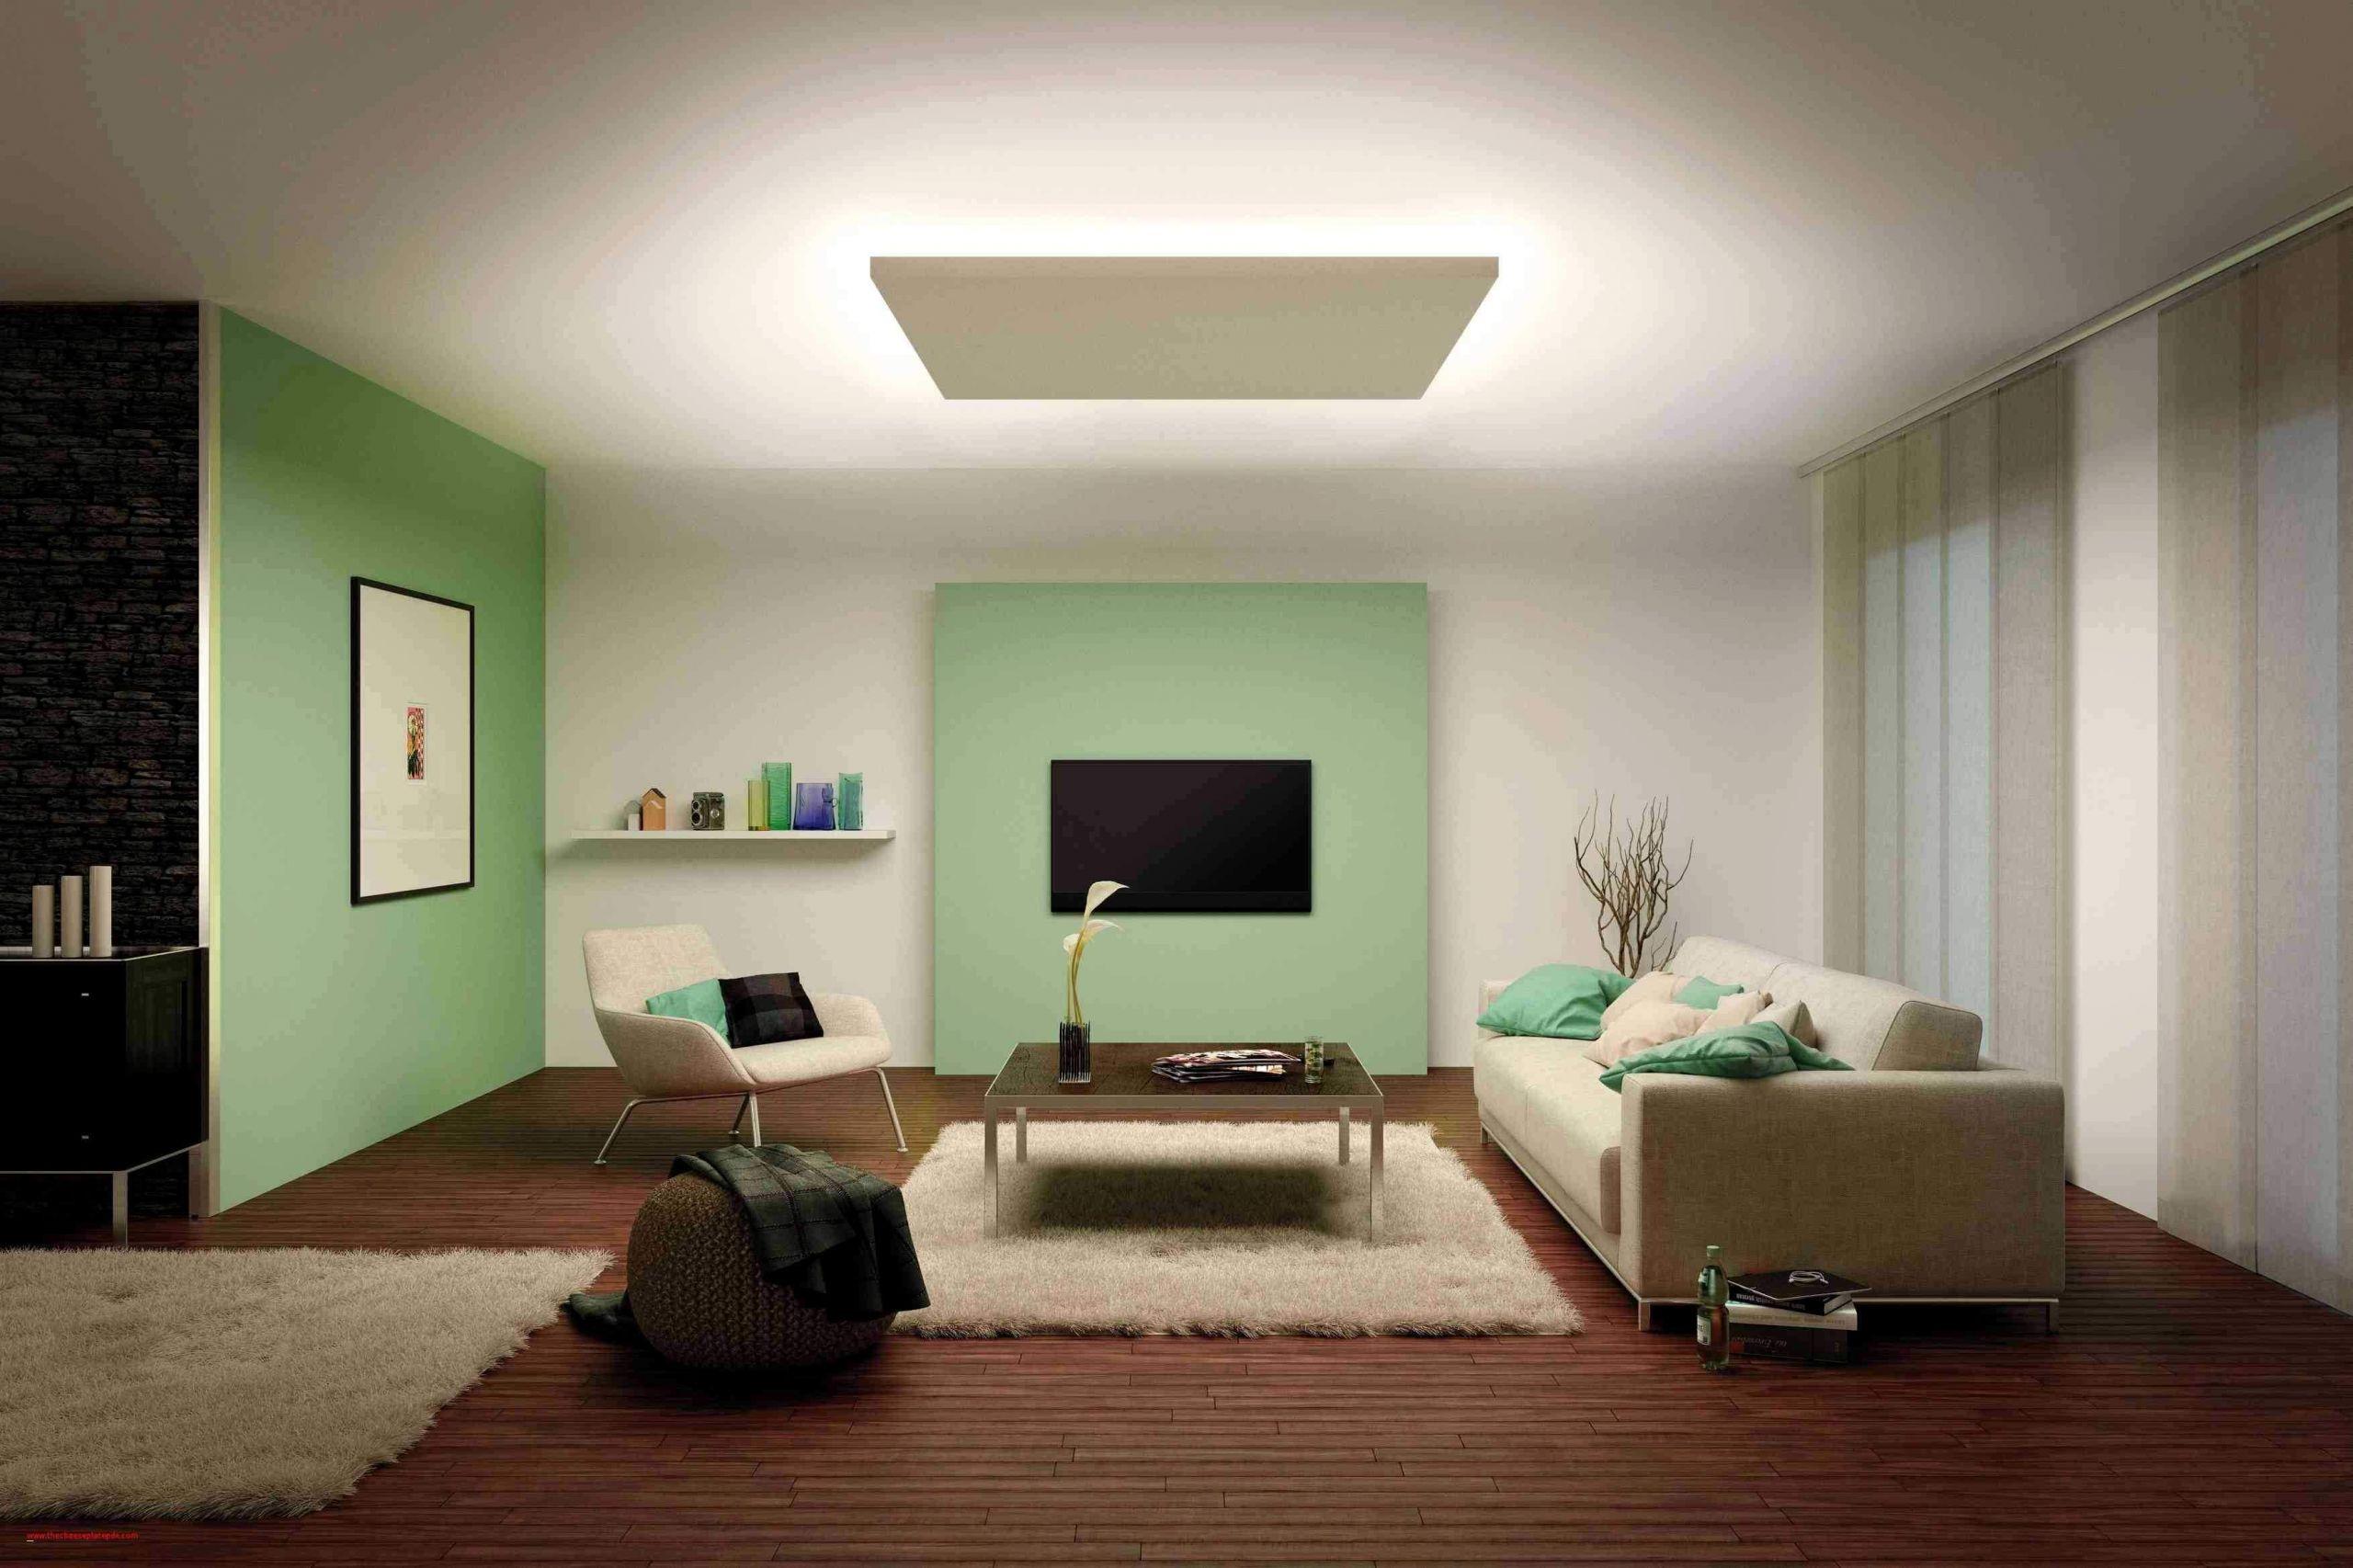 Full Size of Lampe Wohnzimmer Decke Led Beleuchtung Frisch Deckenleuchte Lampen Esstisch Deckenlampen Deckenleuchten Schlafzimmer Bogenlampe Teppich Küche Sessel Wohnzimmer Lampe Wohnzimmer Decke